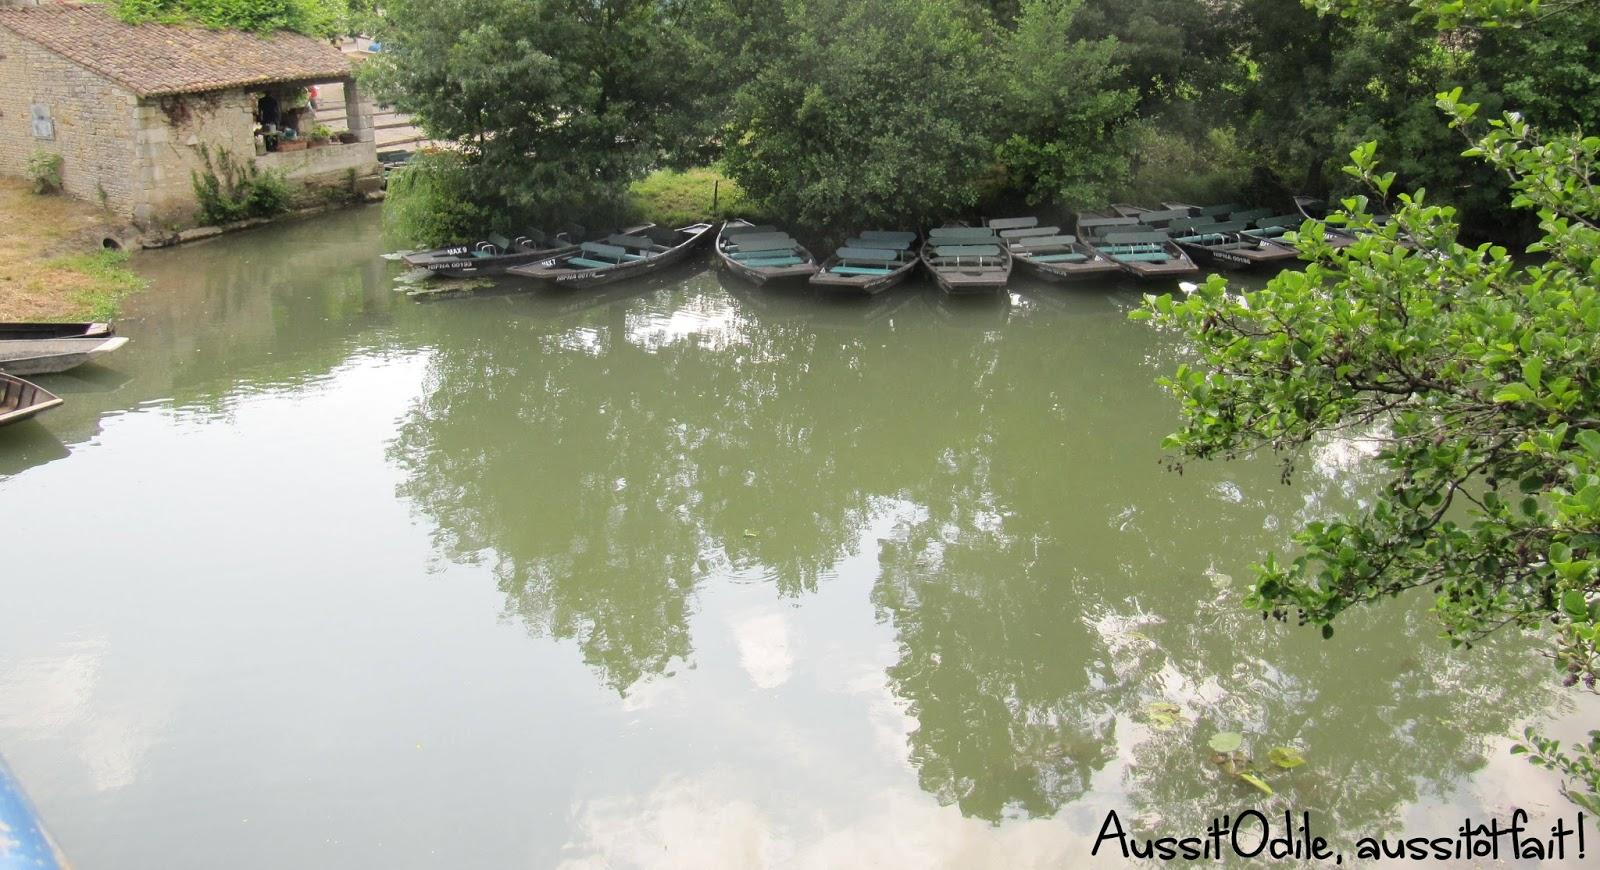 Aussit 39 odile aussit t fait le marais mouill chemins de terre et d 39 eau - Terre et eau witry les reims ...